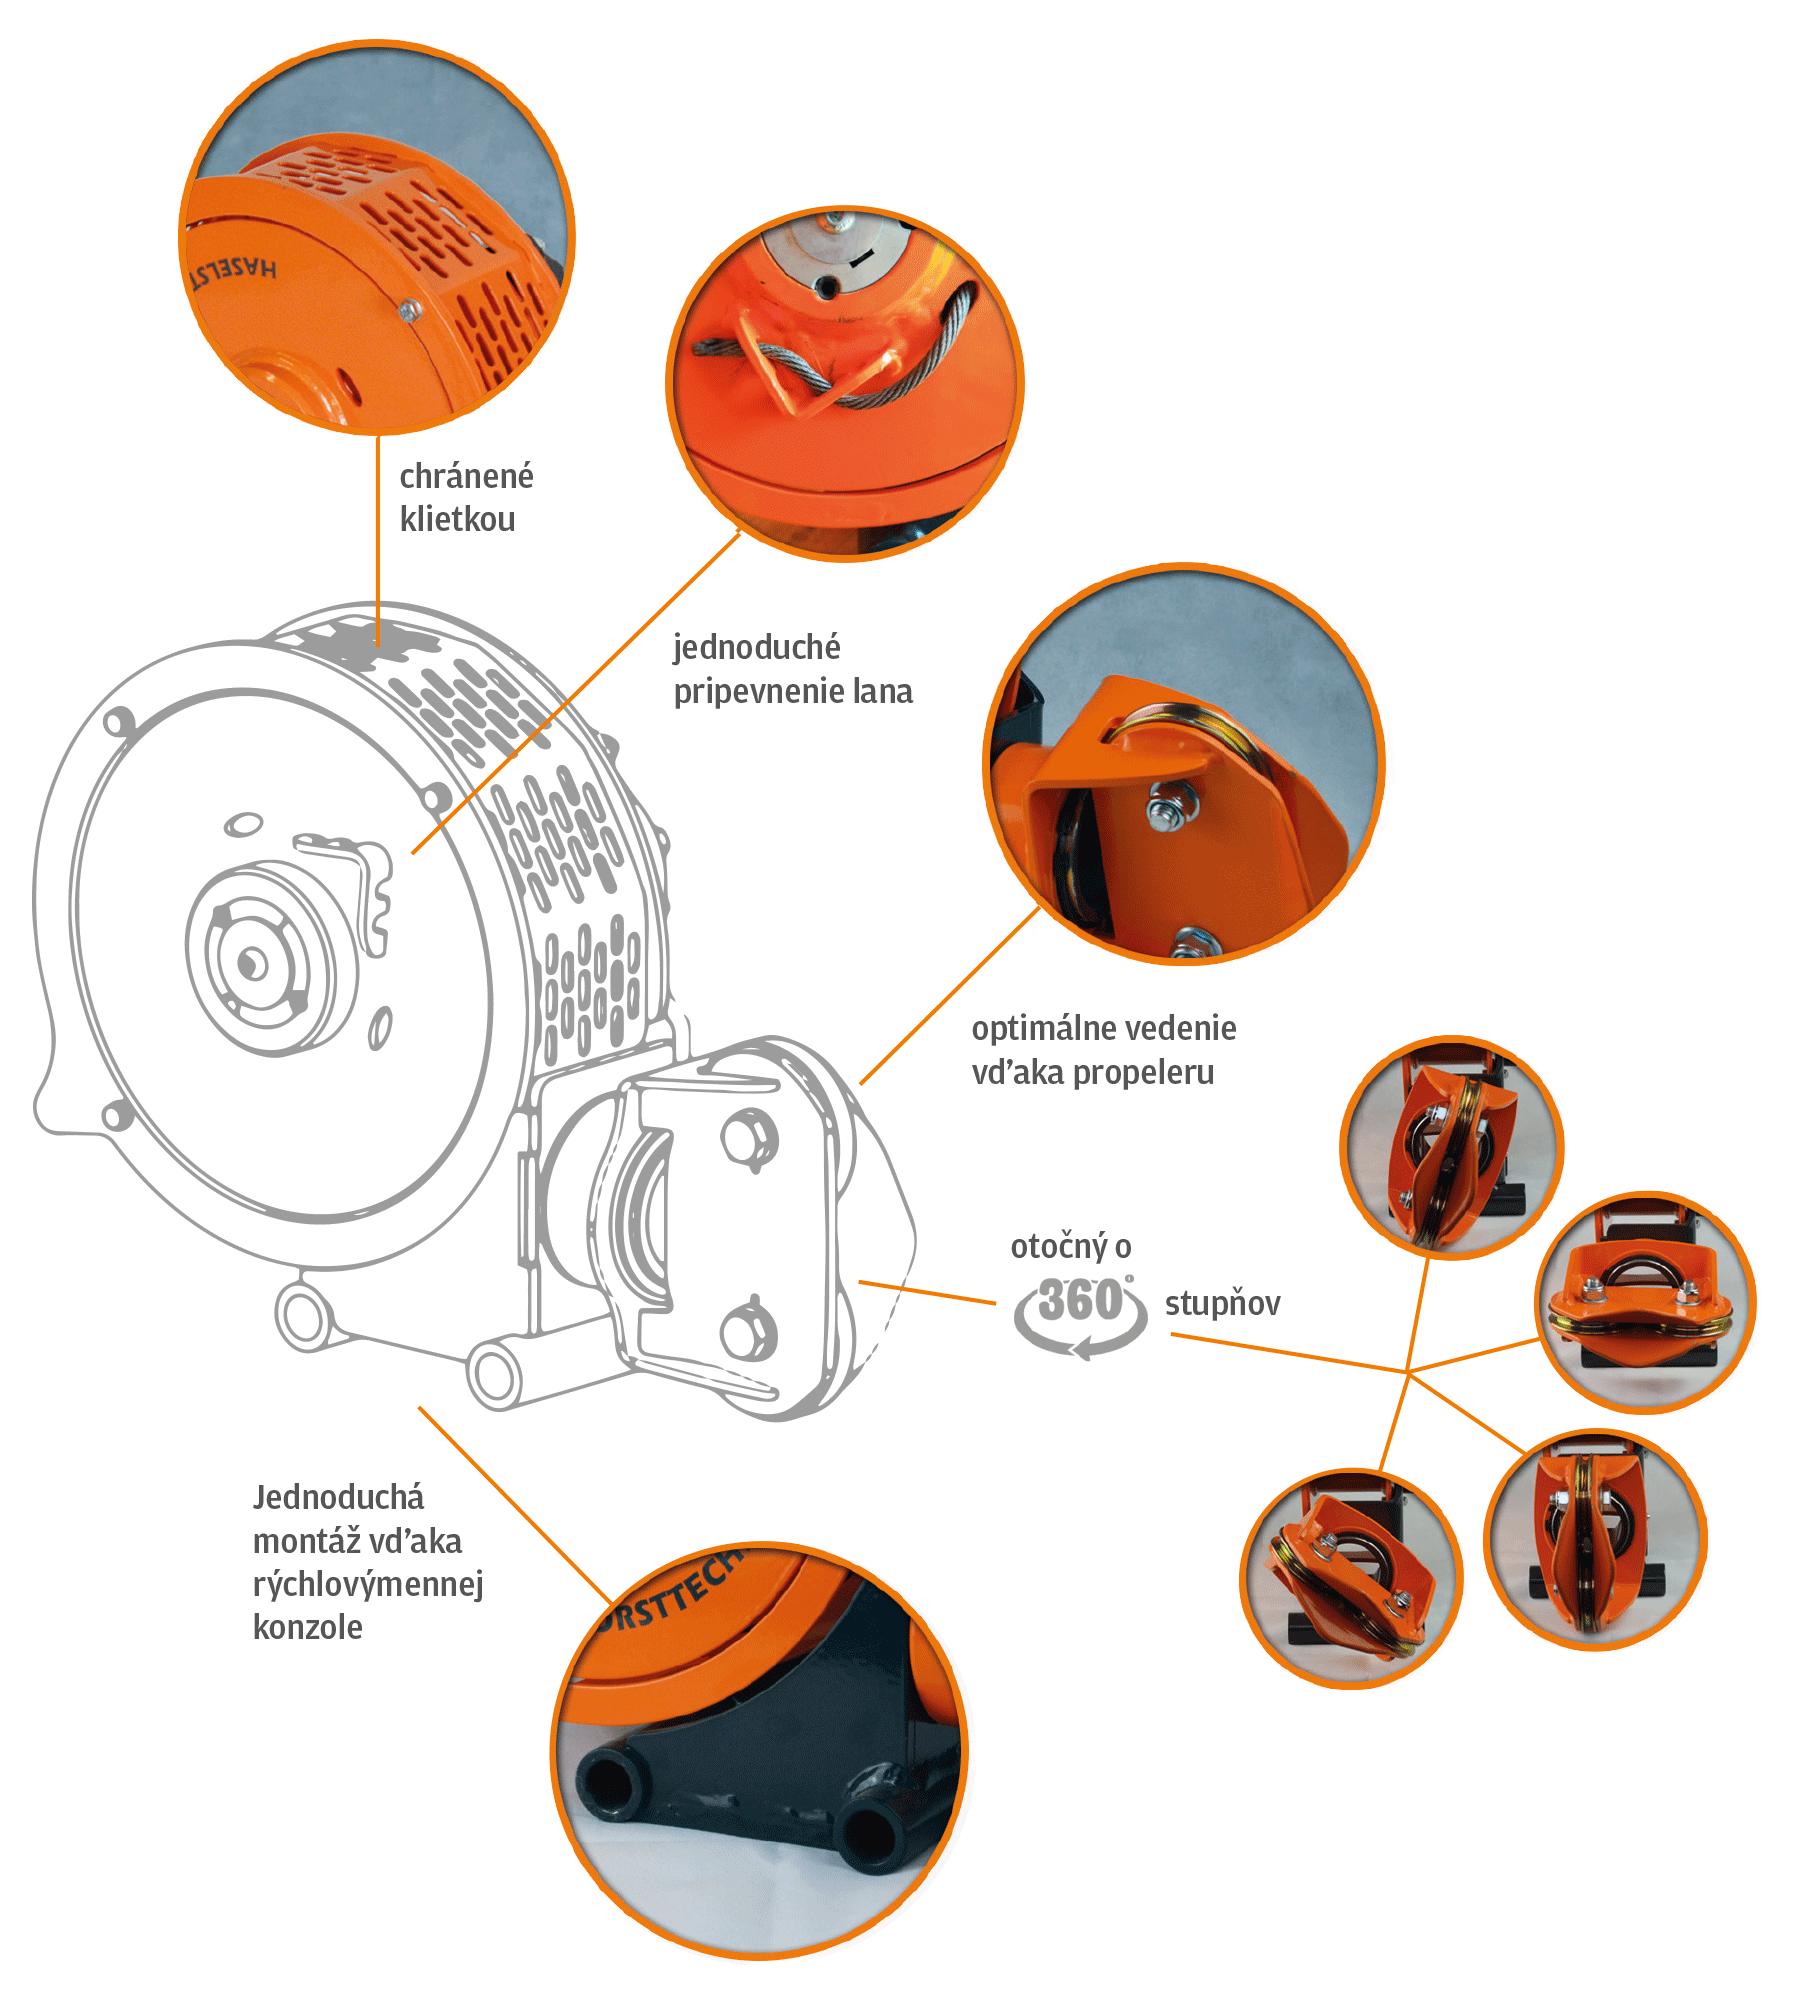 Detaillerte Darstellung (inklusvive Beschreibung der einzelnen Elemente) der HAFO SAPI Winde